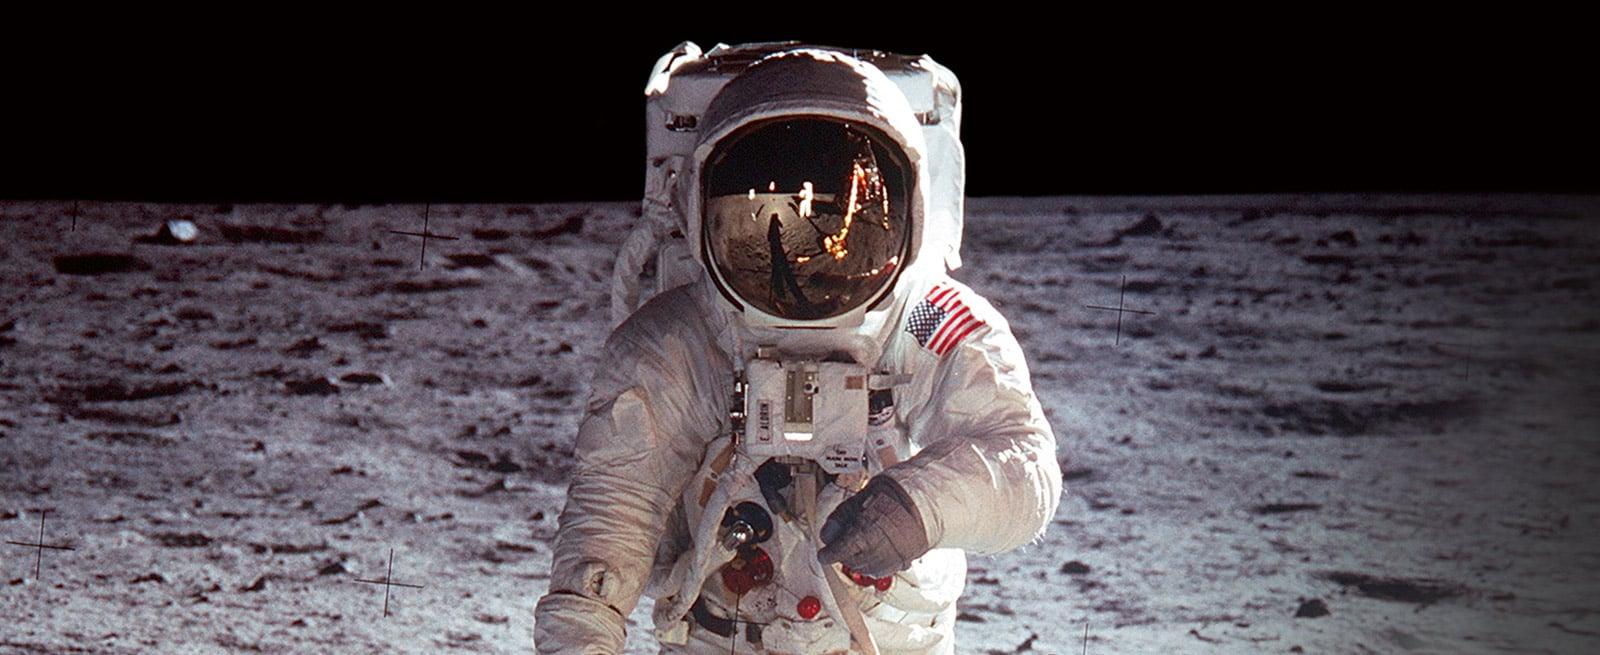 欧米茄首枚欧米茄太空表: 超霸系列 - 月球表 - 欧米茄与太空探索的世界